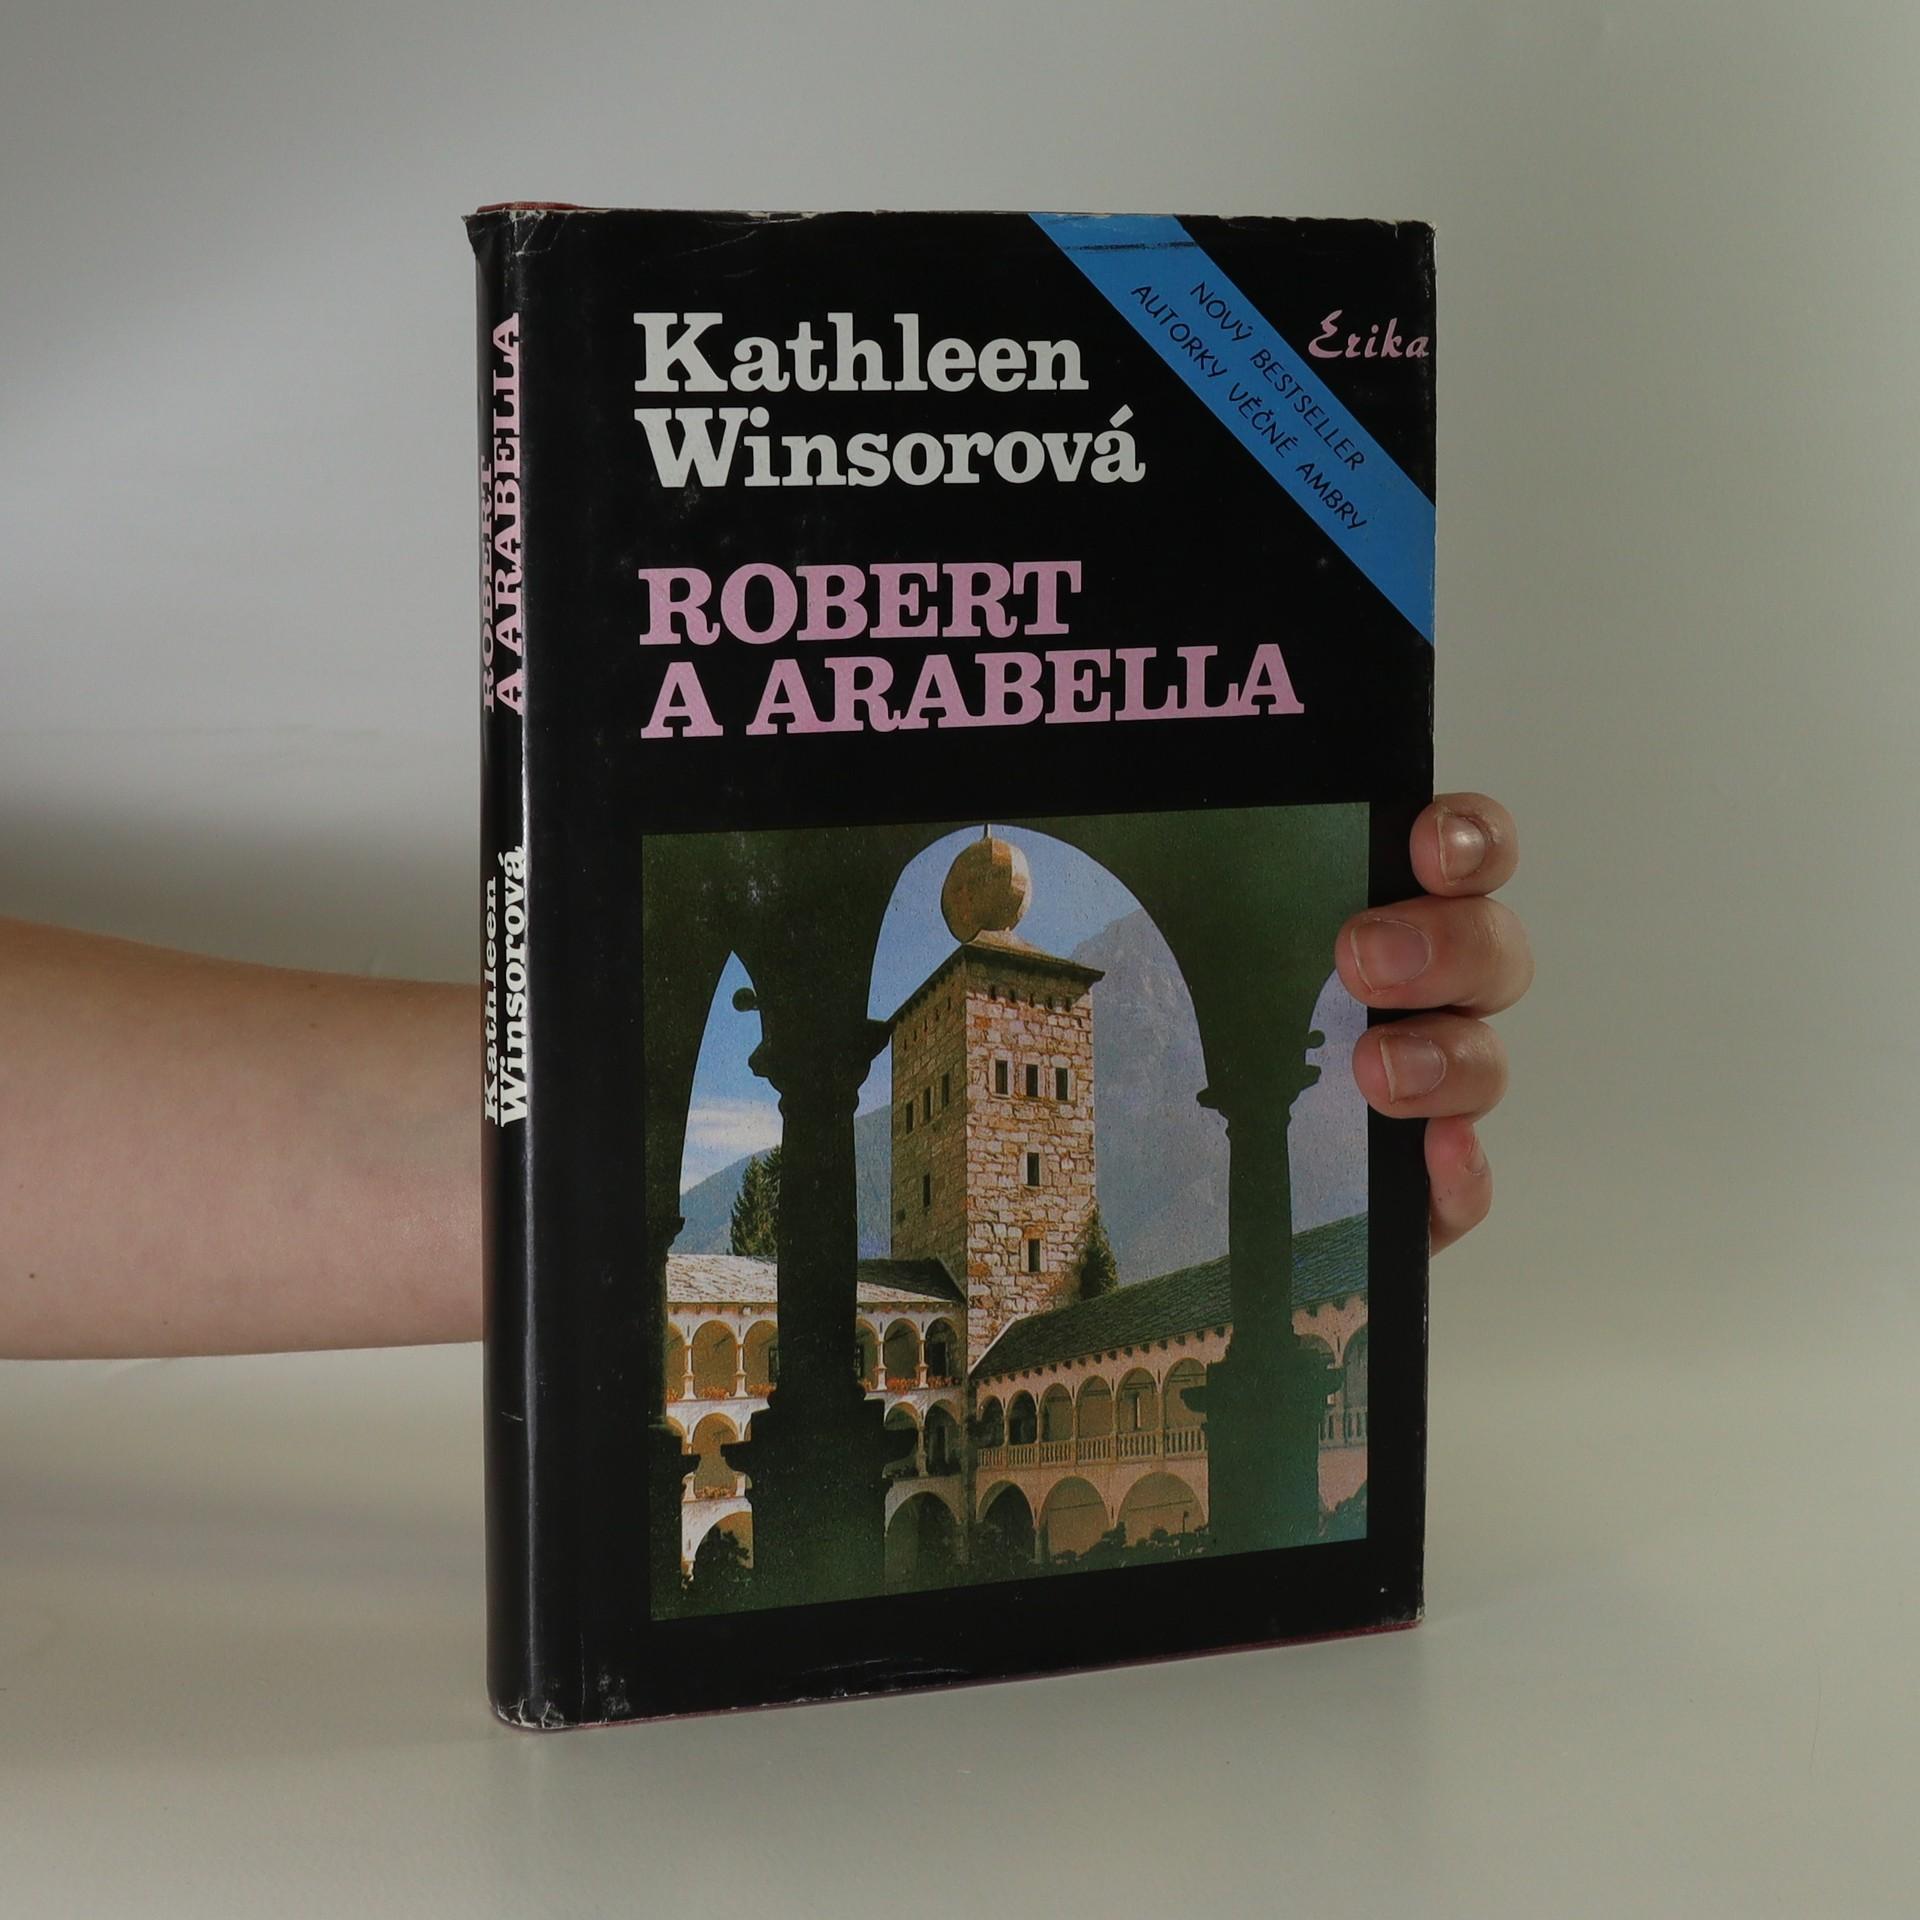 antikvární kniha Robert a Arabella, 1991